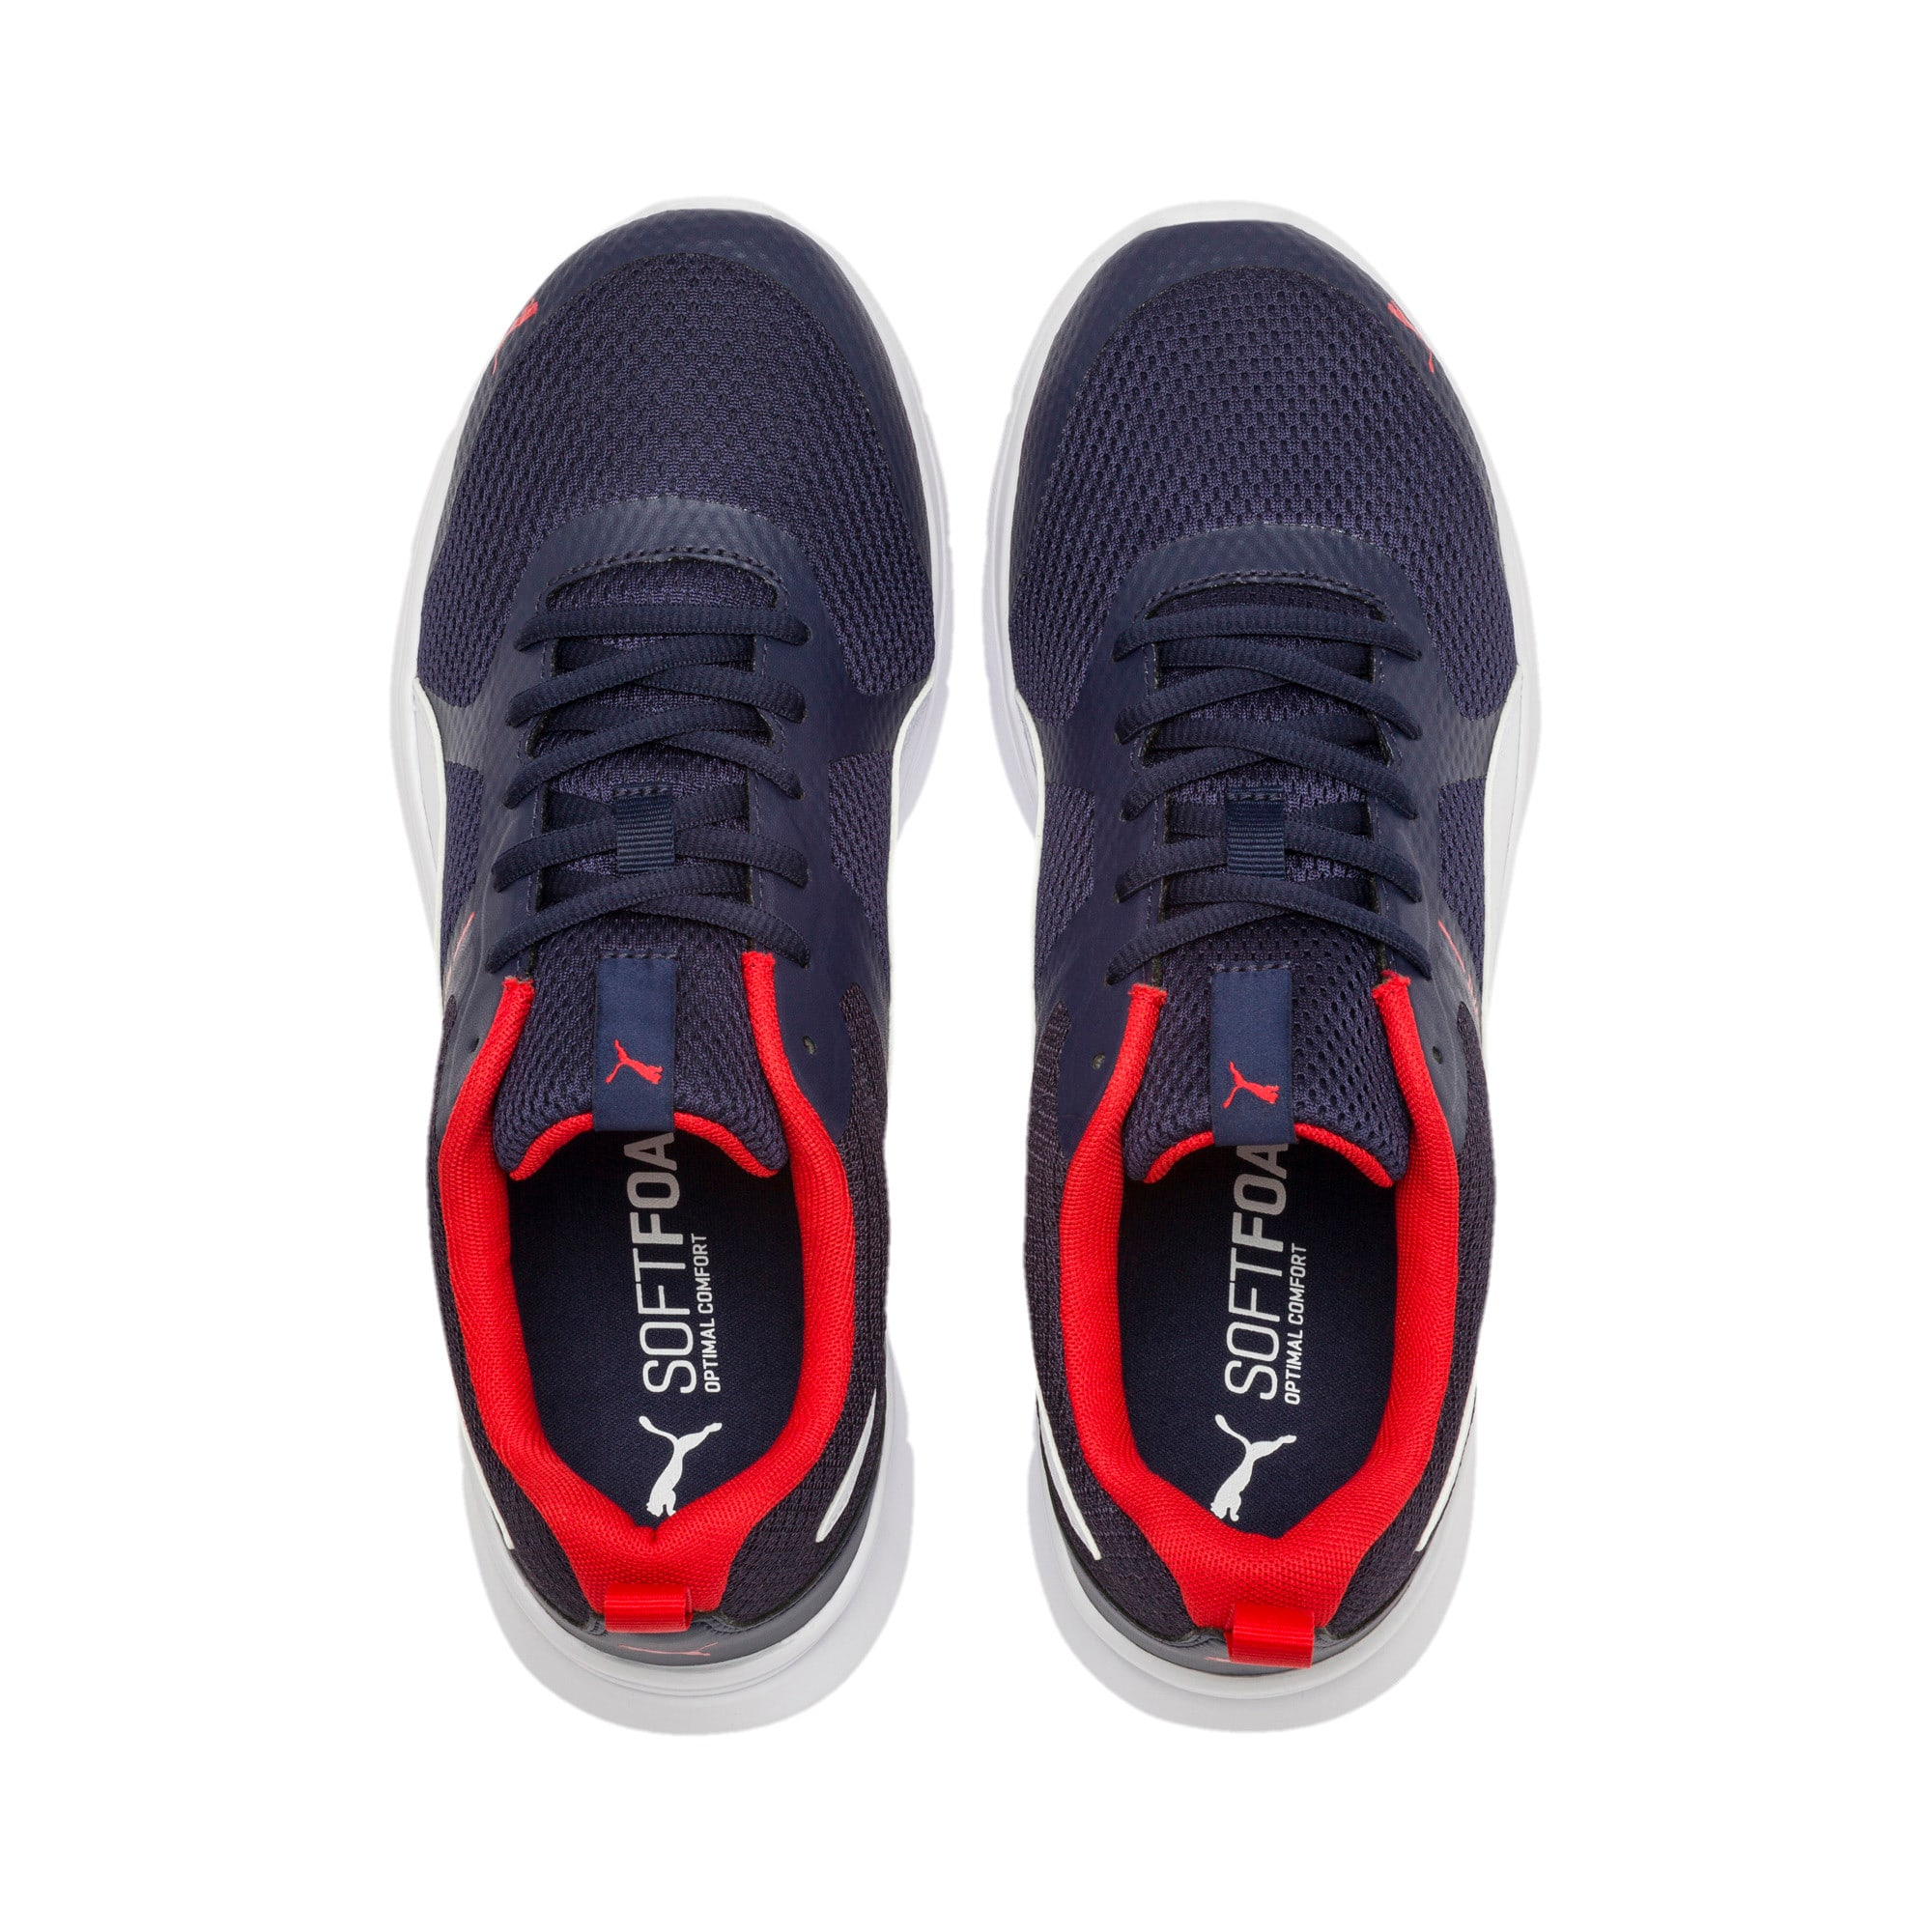 Thumbnail 7 of Flex Essential Training Shoes, Peacoat-P.White-Hi. Risk Red, medium-IND